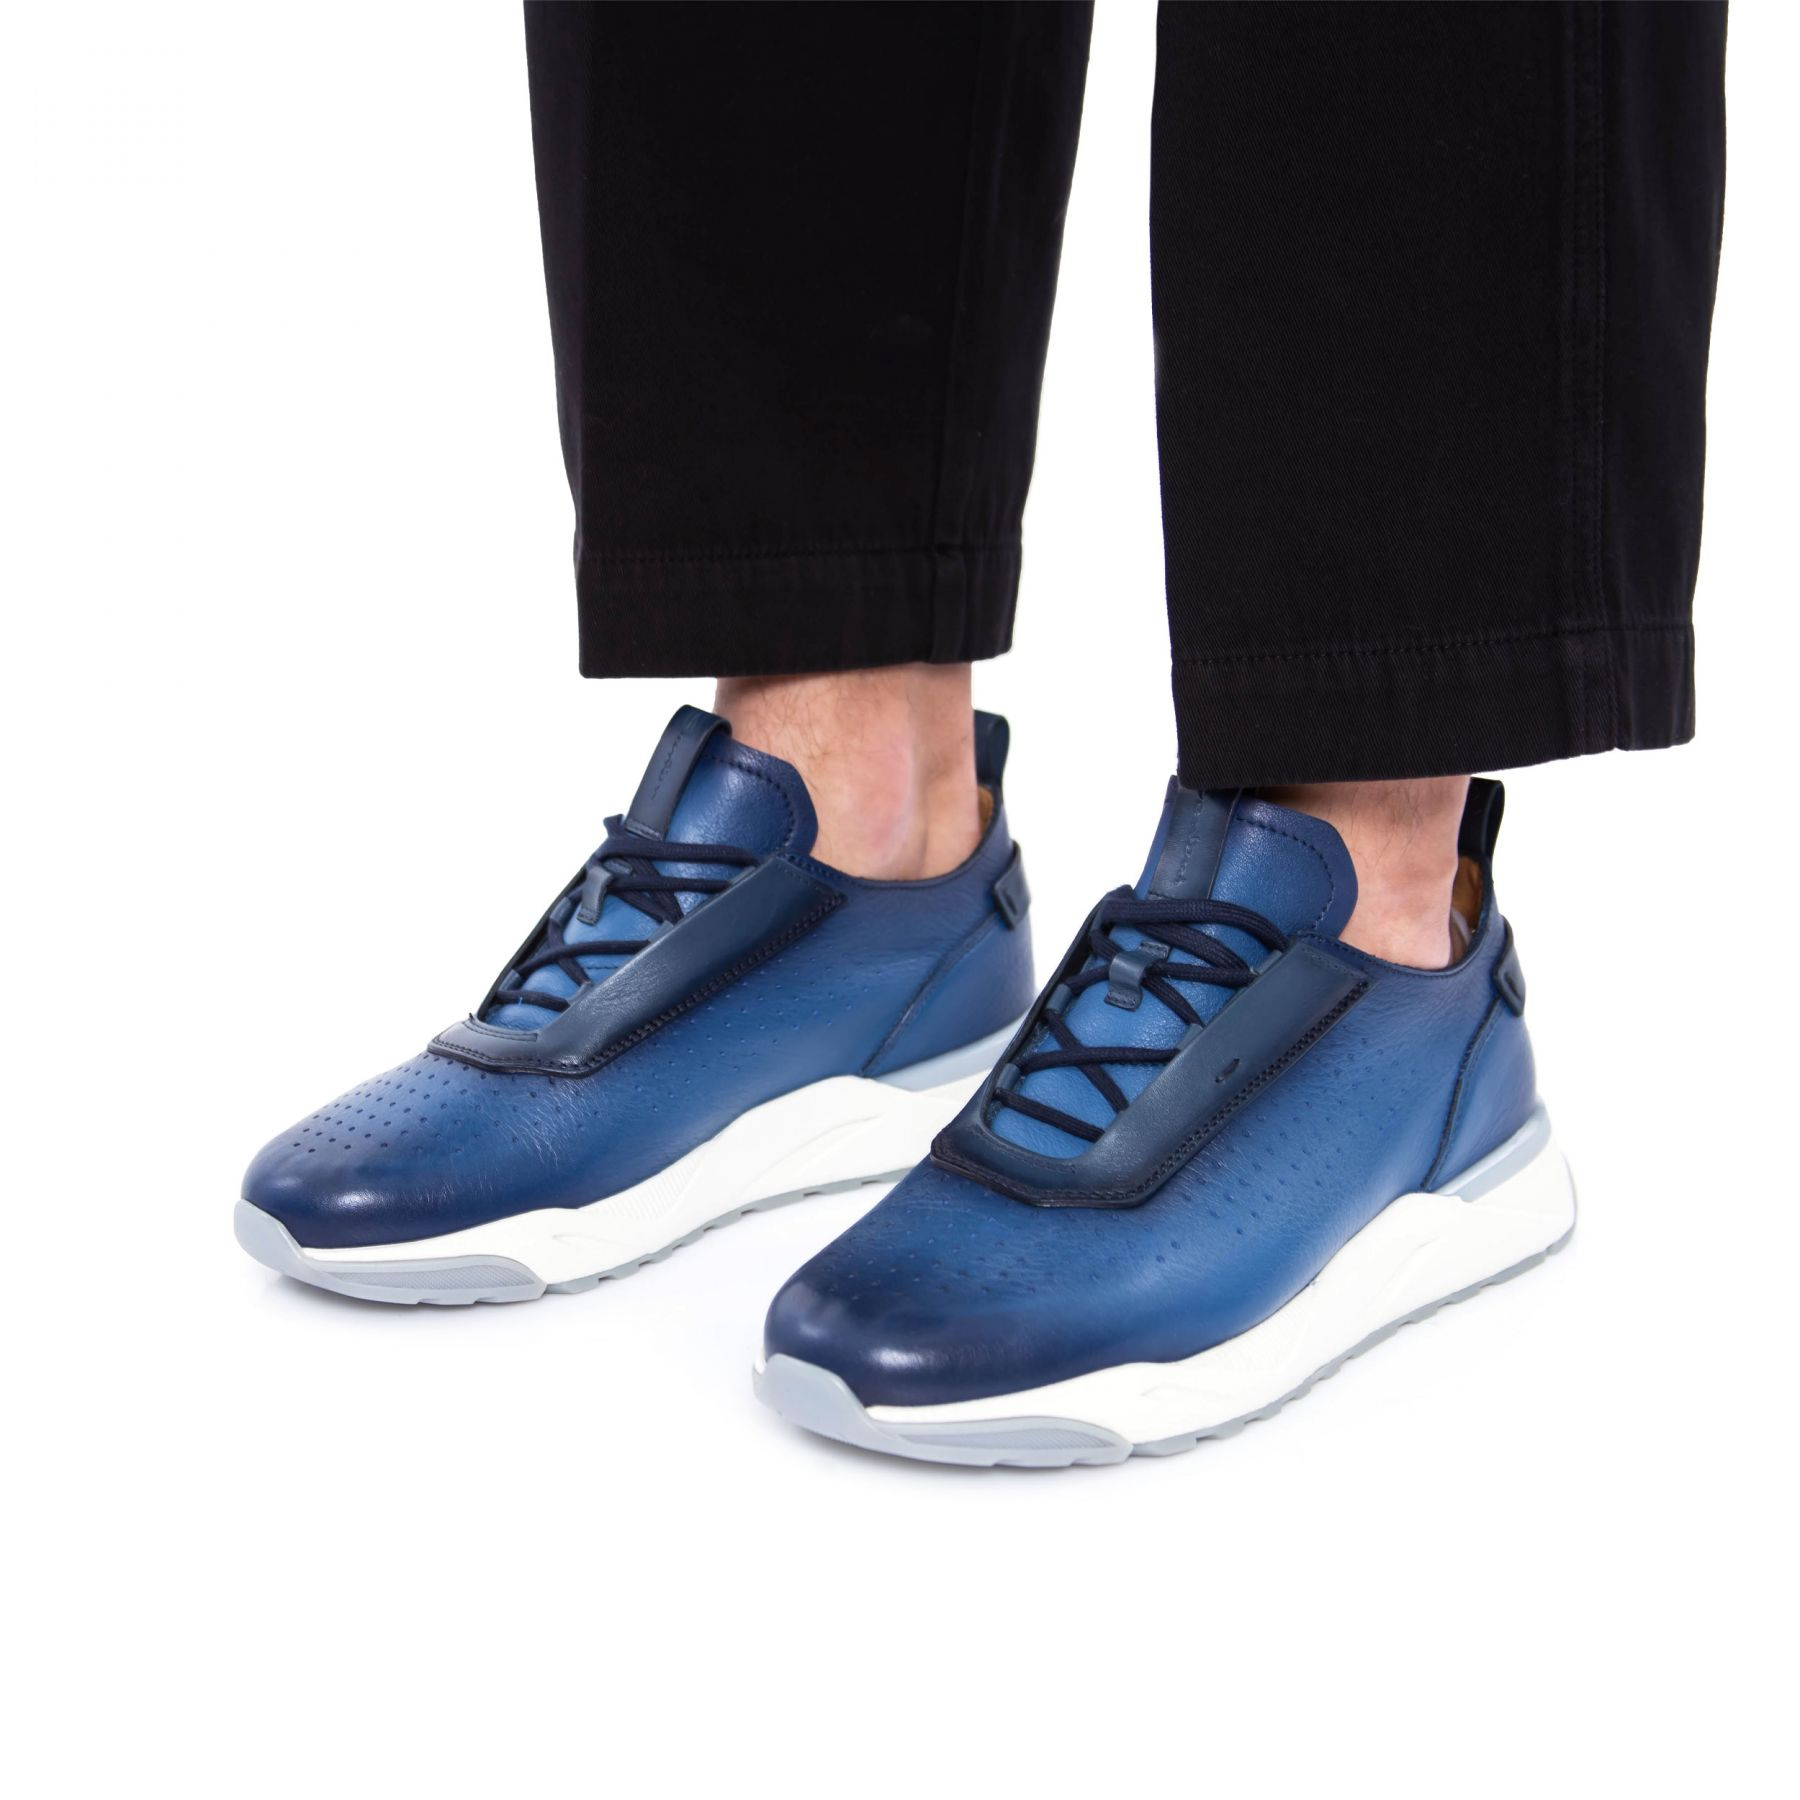 Сникеры Santoni Ultraviolet синие